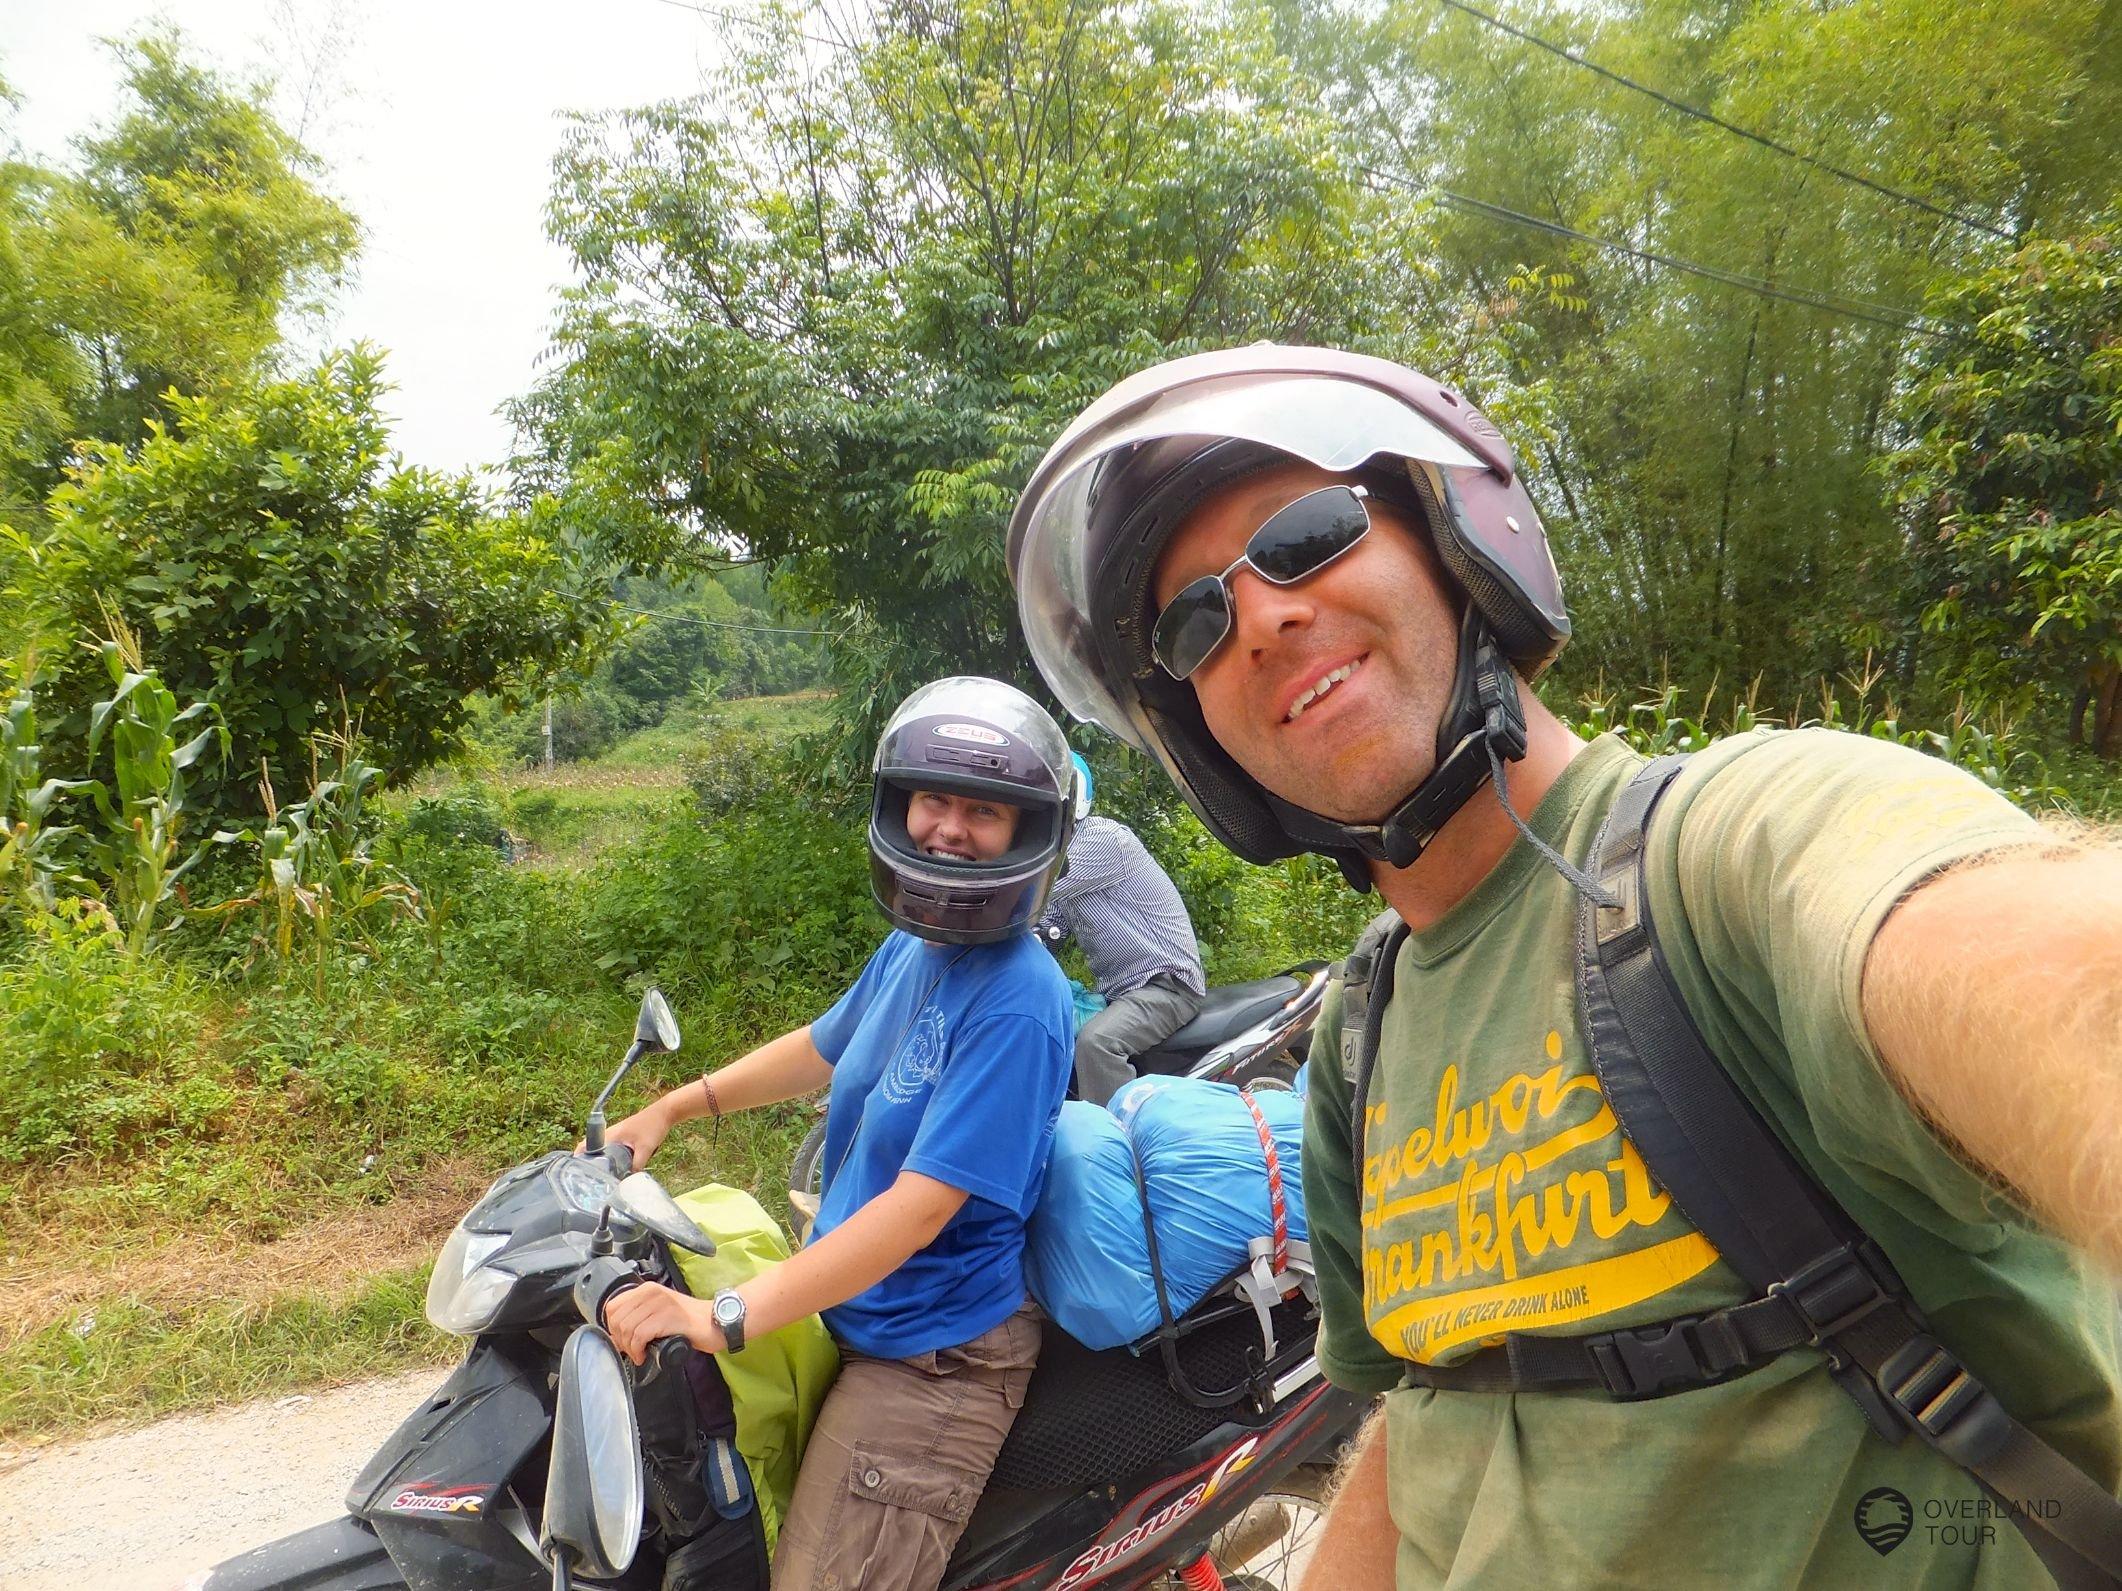 mmer Spaß auf dem Road Trip Vietnam, auch wenn es noch so hart war!